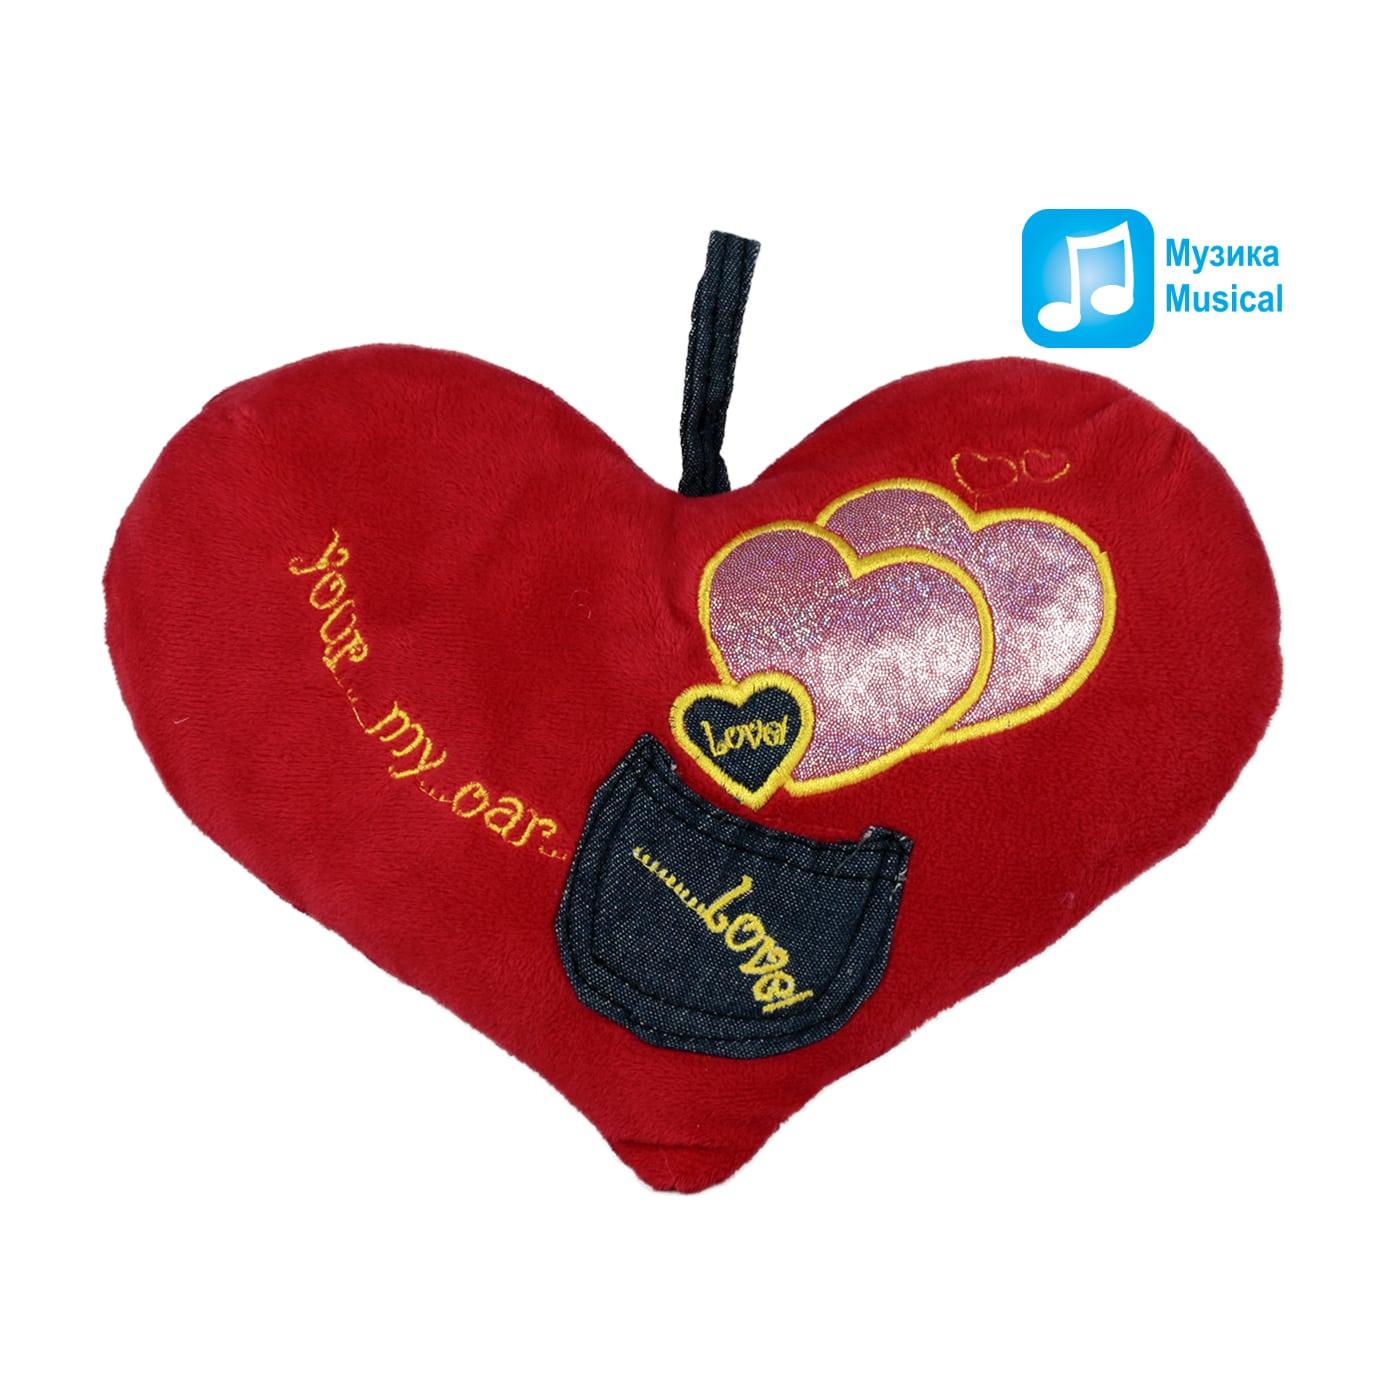 Сърце с дънkов джоб